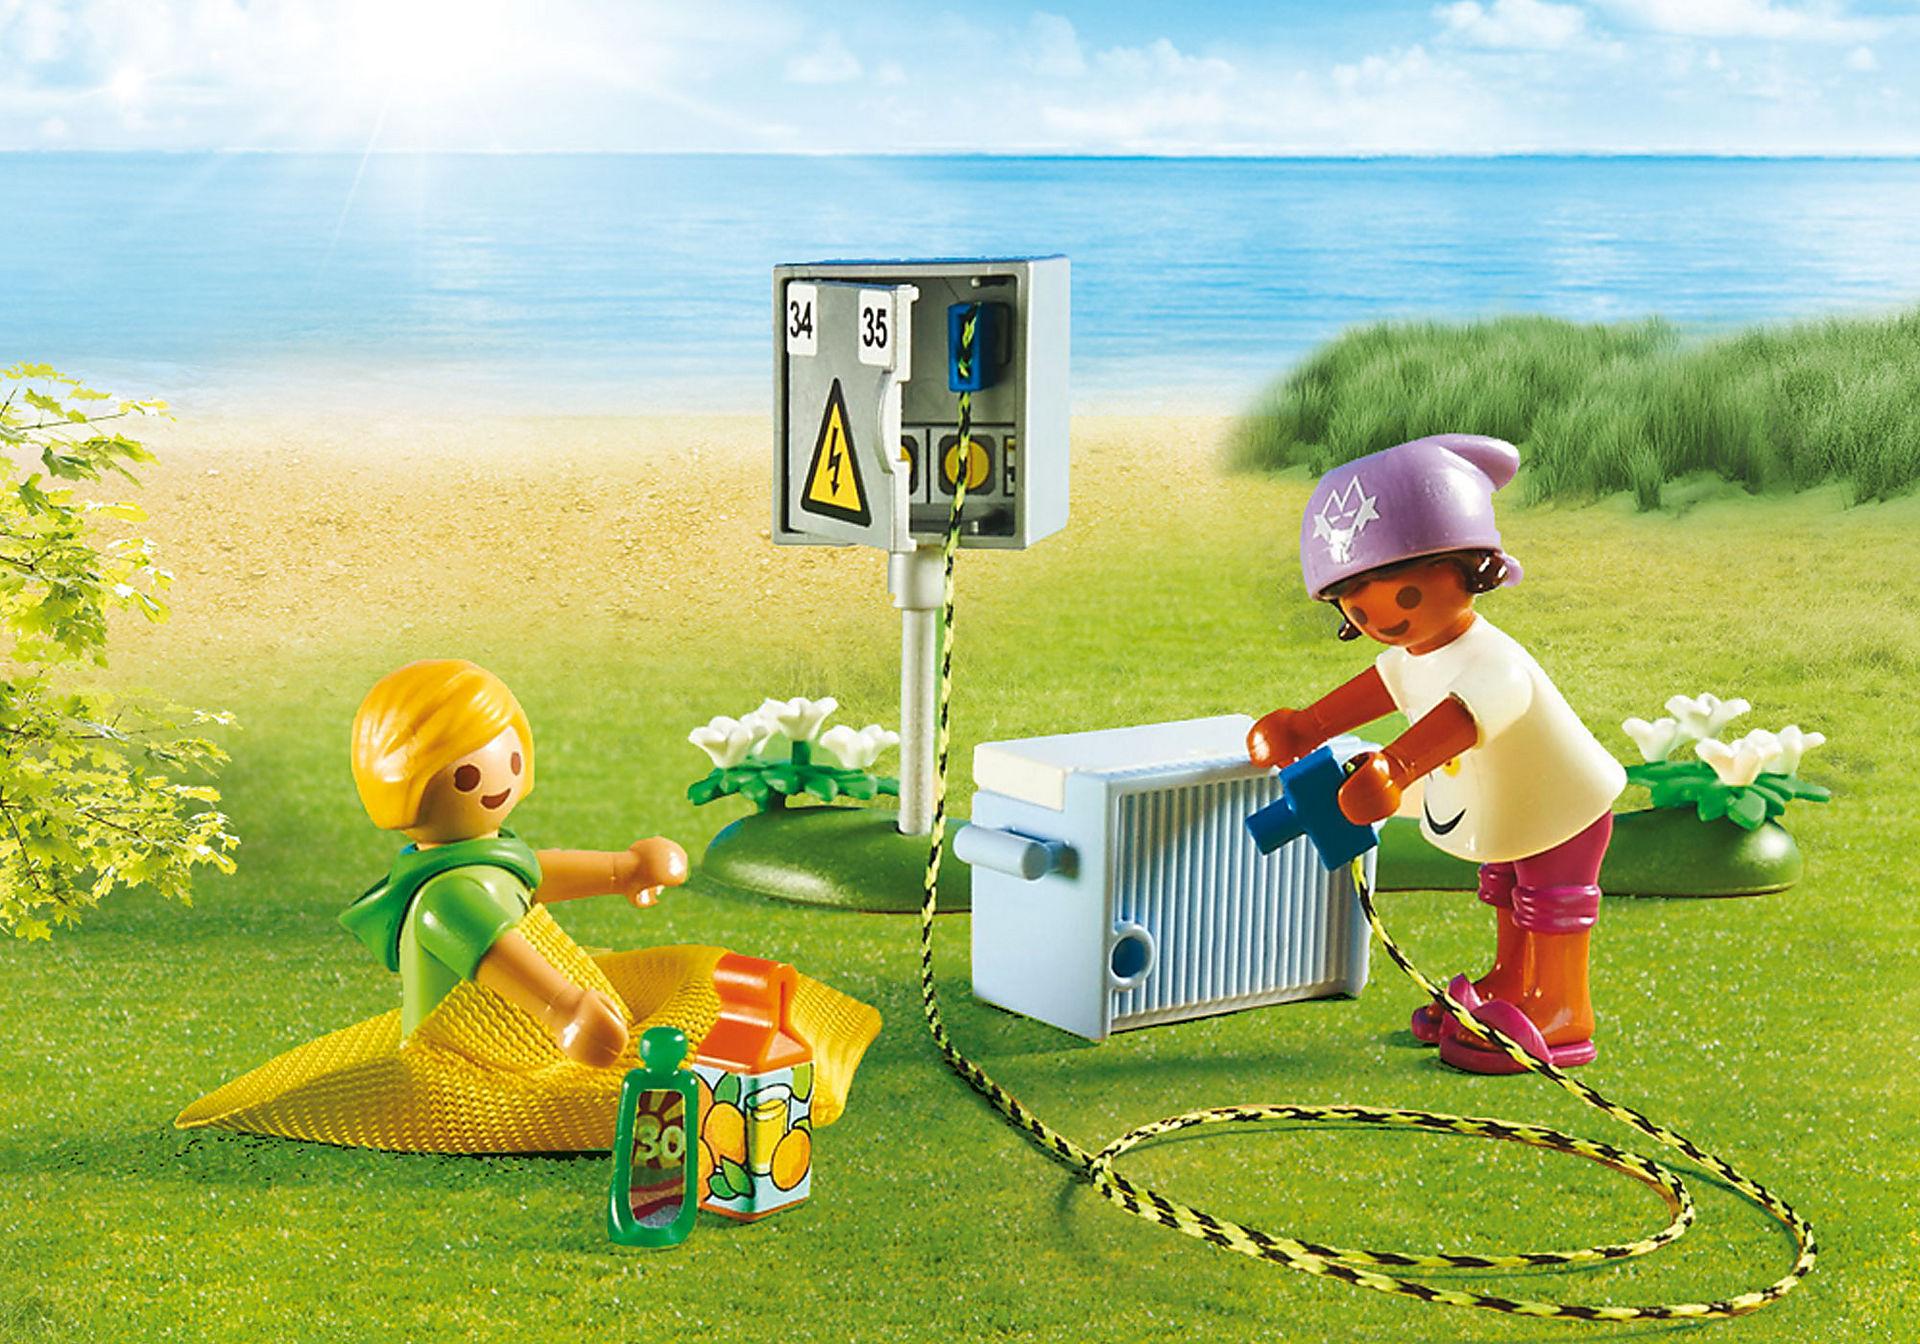 http://media.playmobil.com/i/playmobil/70089_product_extra1/Tente et campeurs